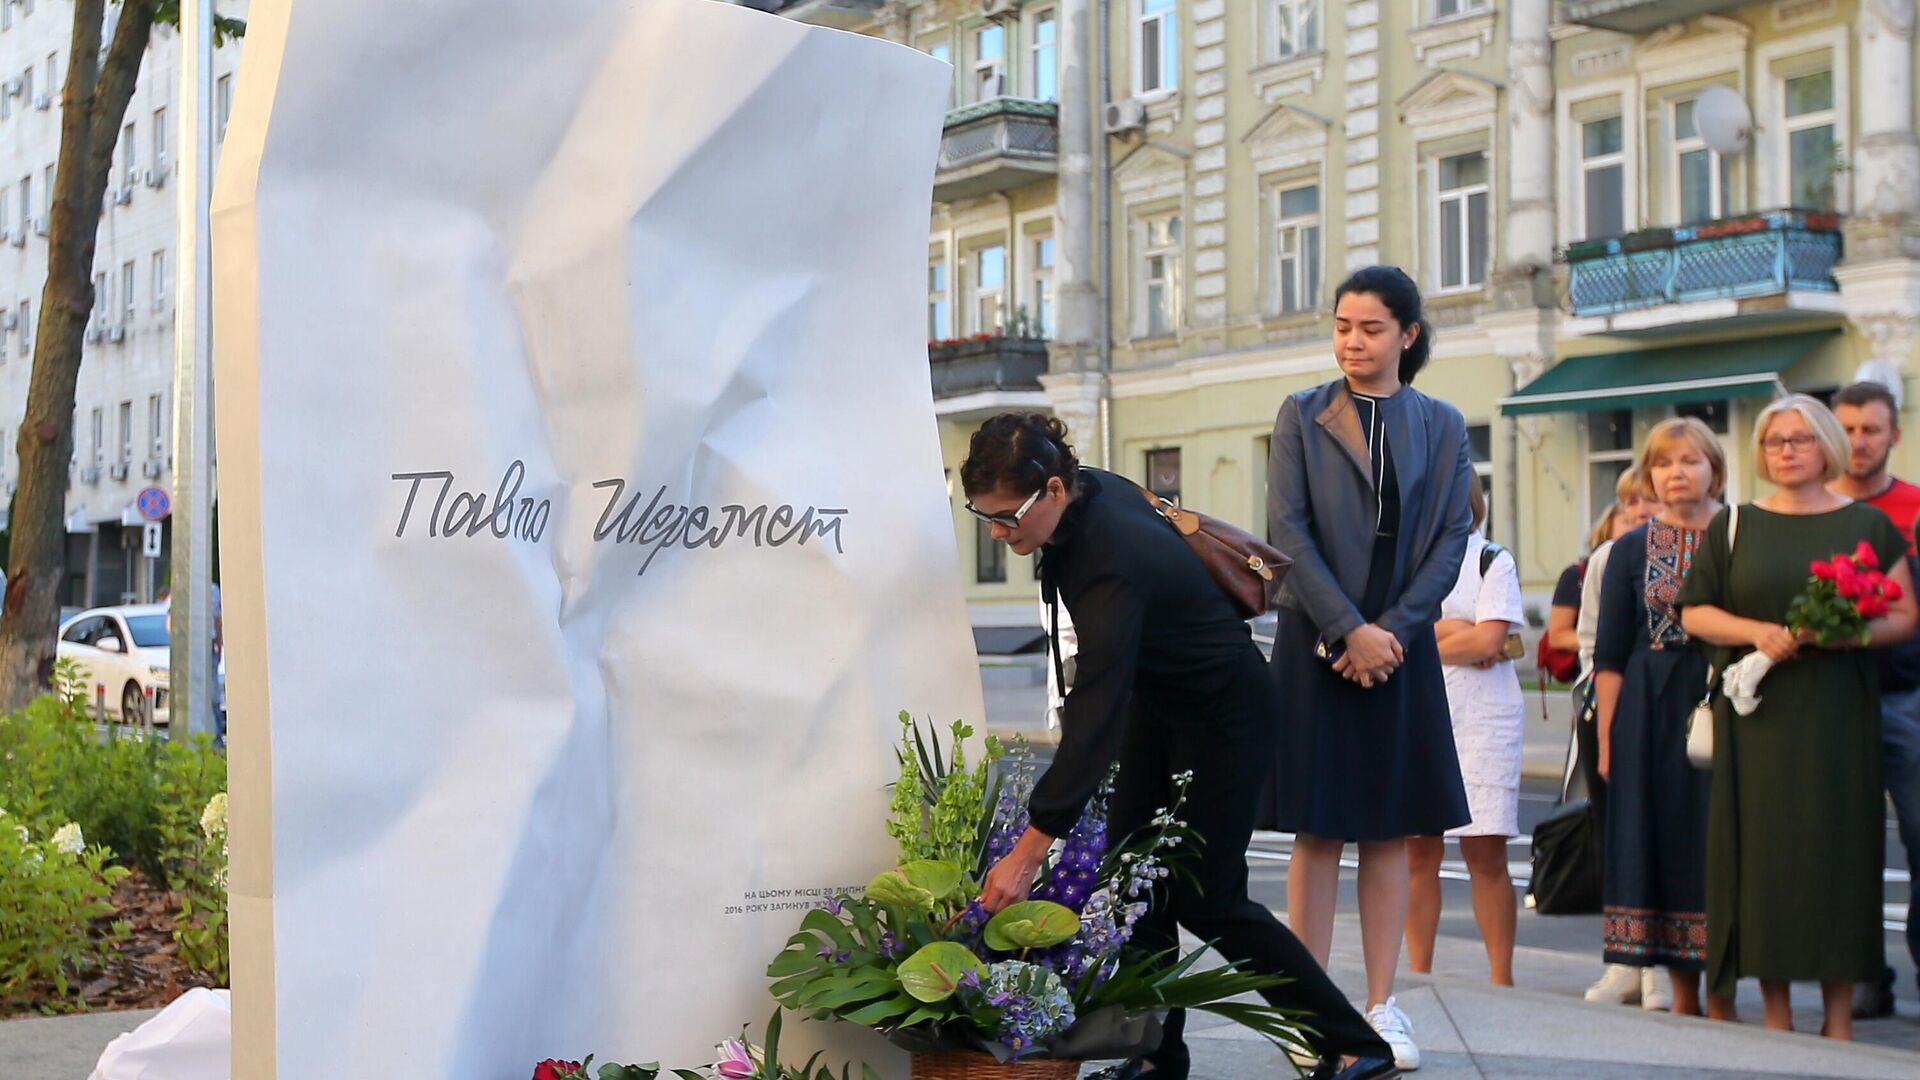 Церемония открытия мемориала в честь журналиста Павла Шеремета в Киеве - РИА Новости, 1920, 19.01.2021